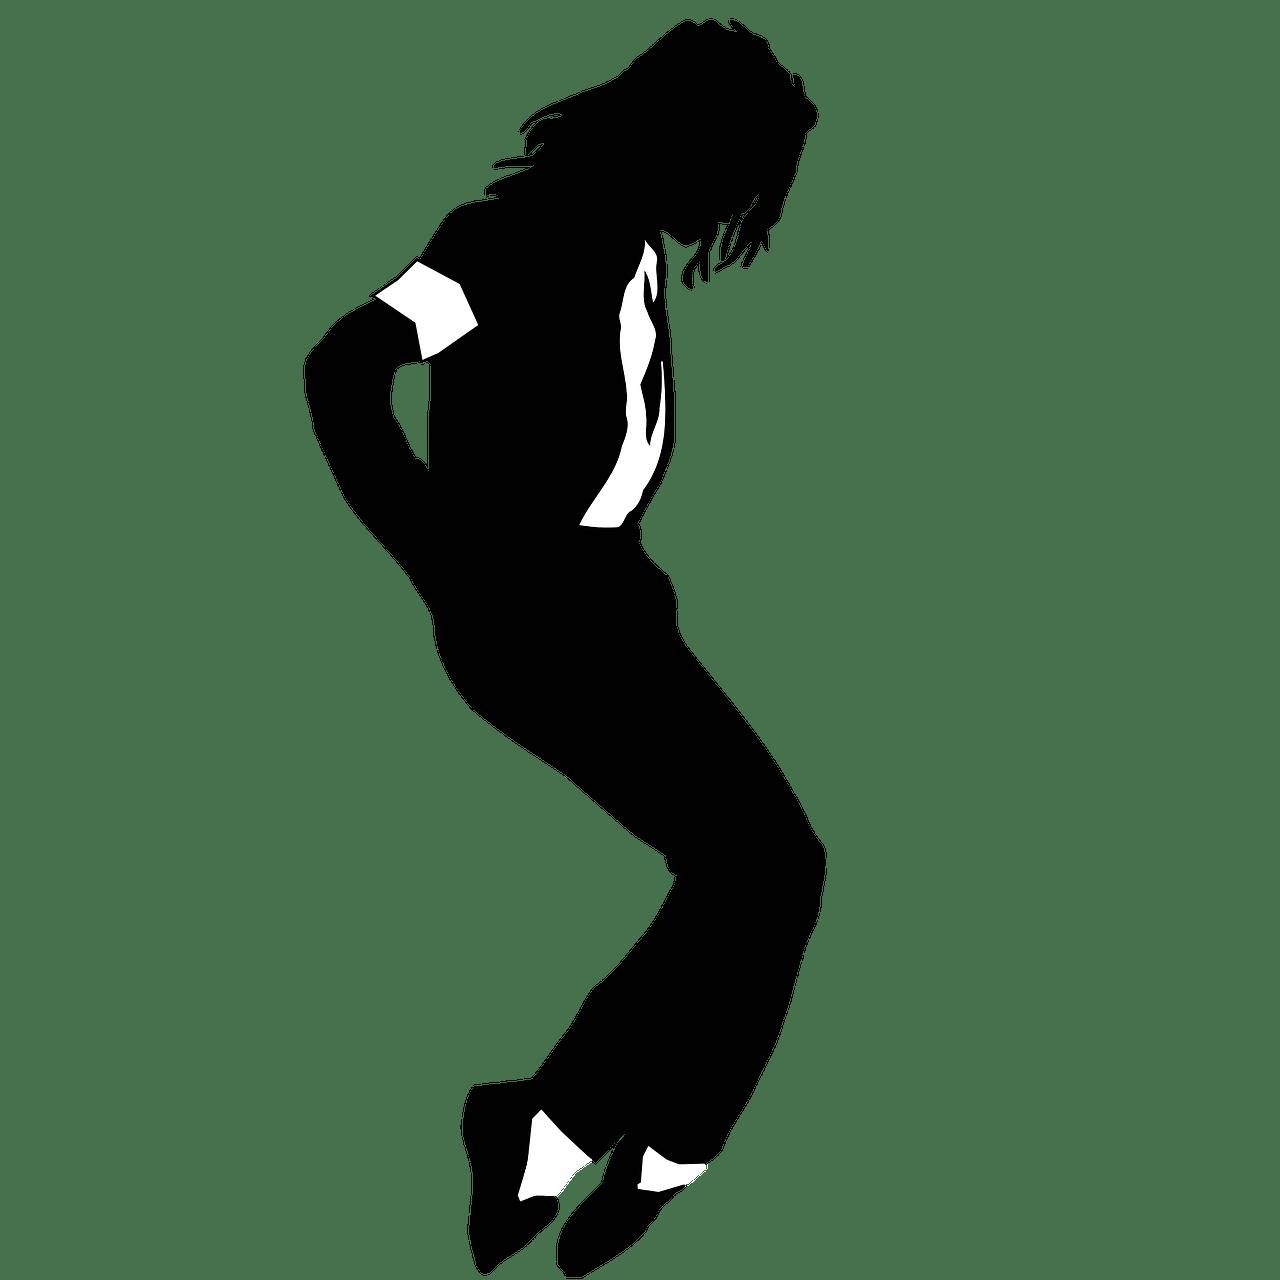 Michael silhouette images at. Jaguar clipart jackson